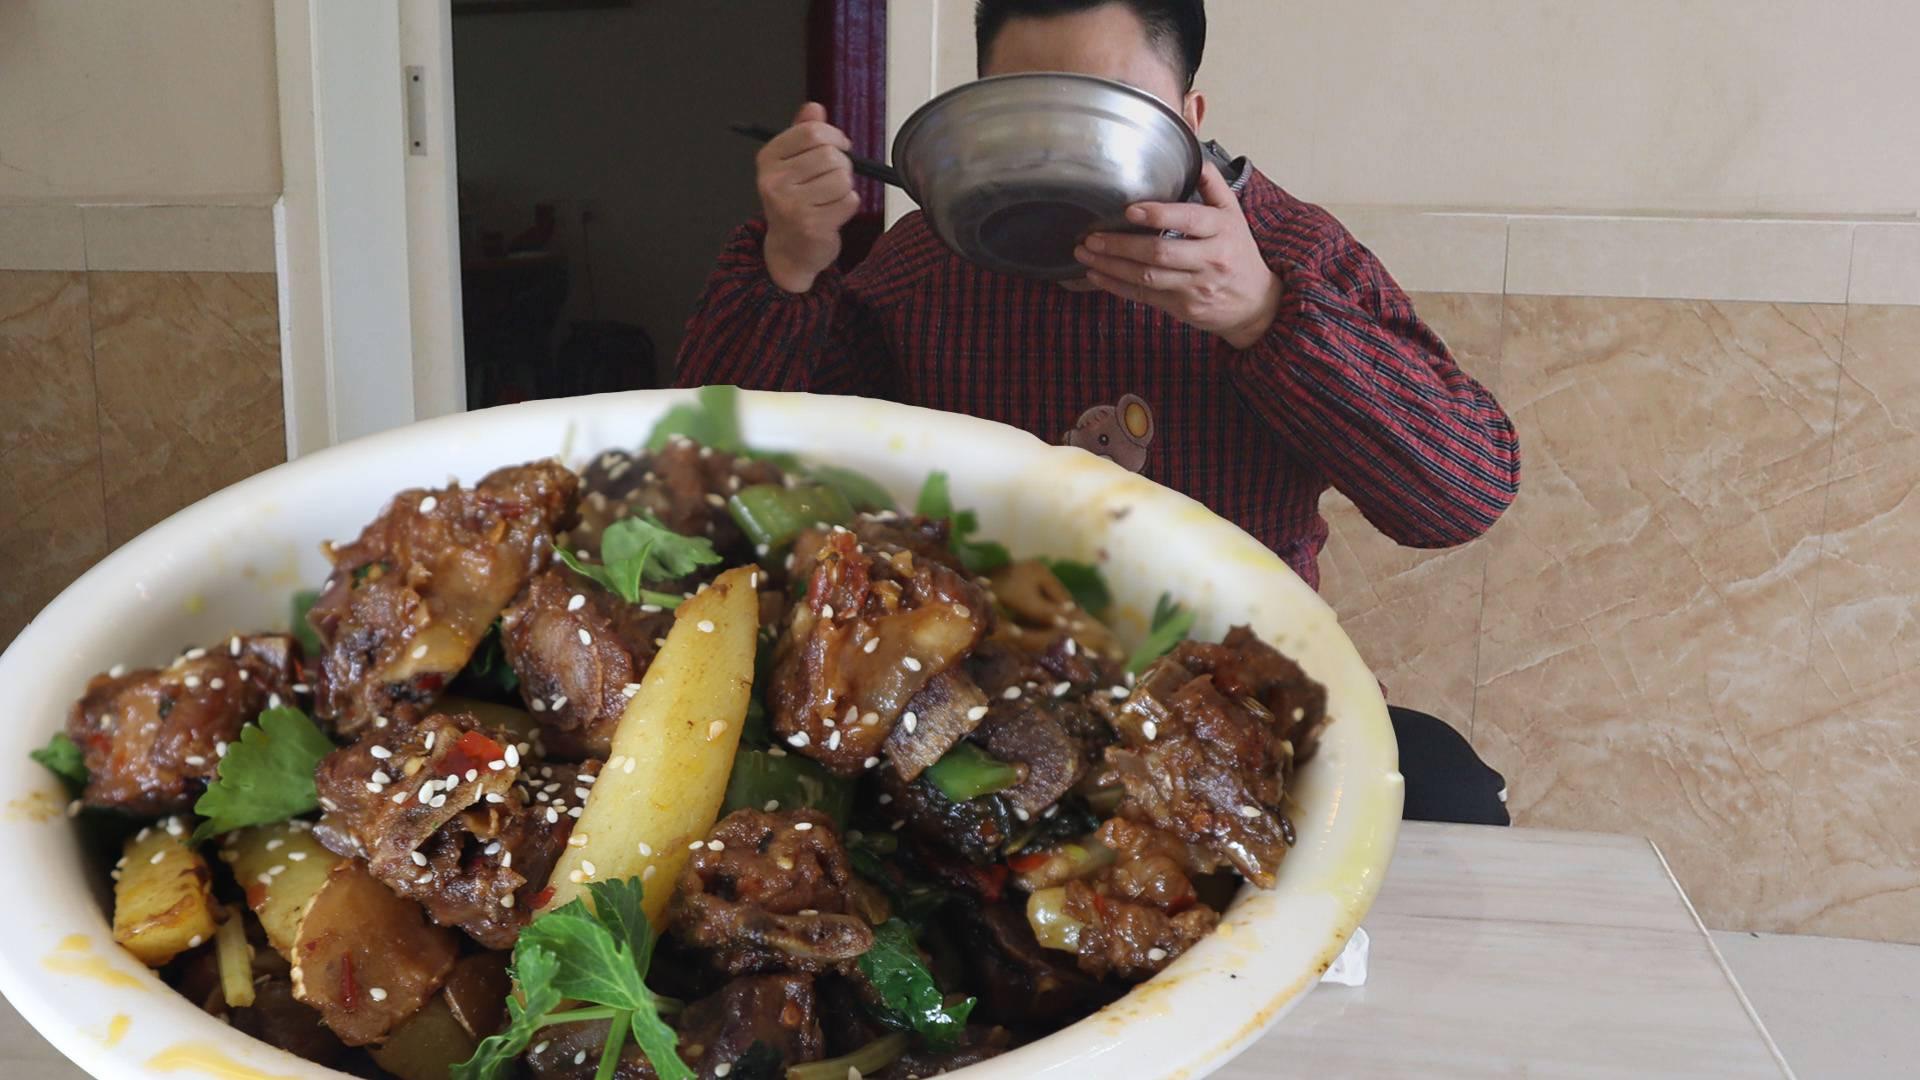 两斤排骨一盆饭,今天做干锅排骨,用干锅拌米饭,越吃越过瘾